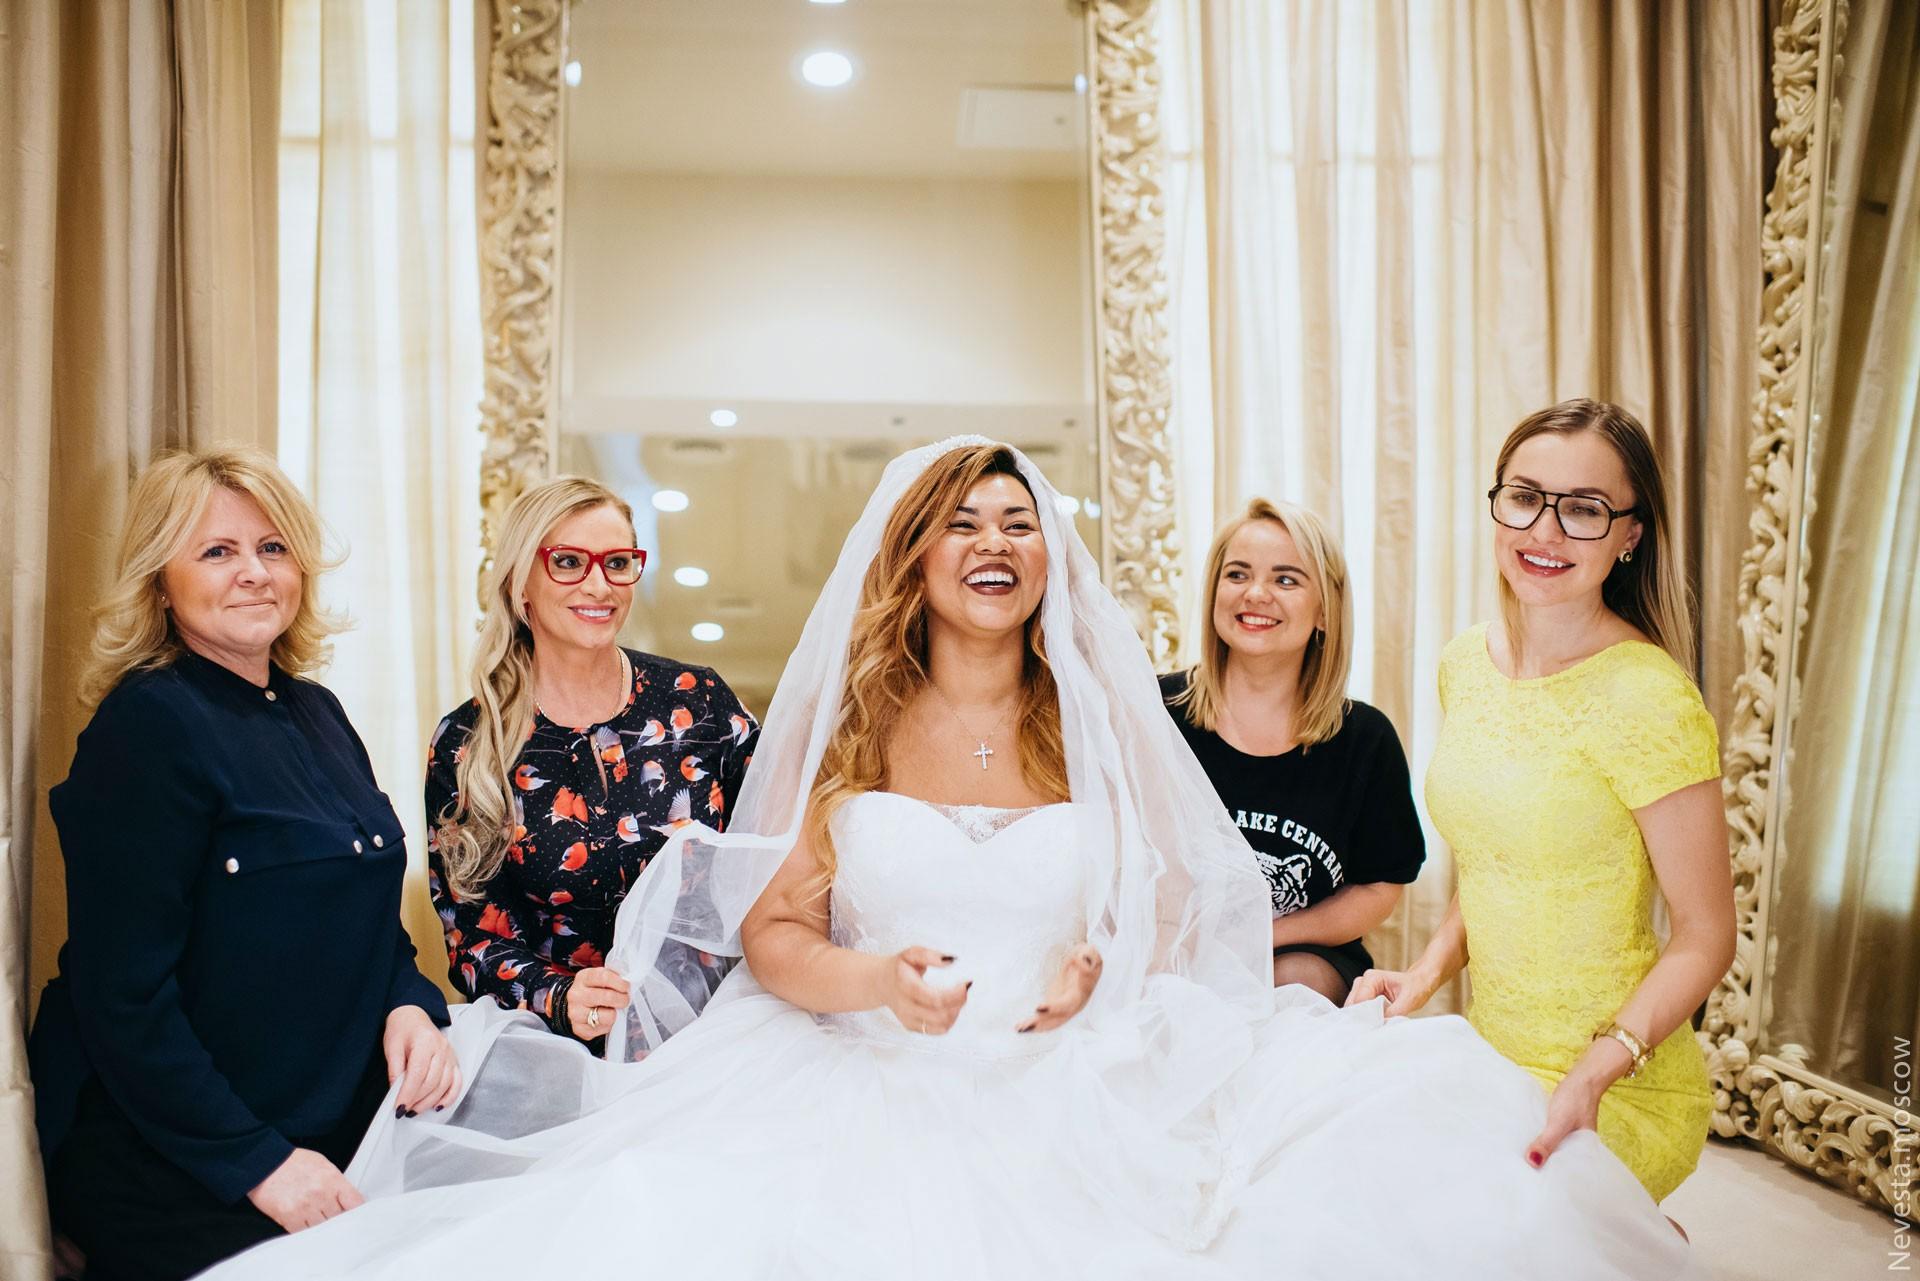 Корнелия Манго невеста свадьба выбор платья фото 23